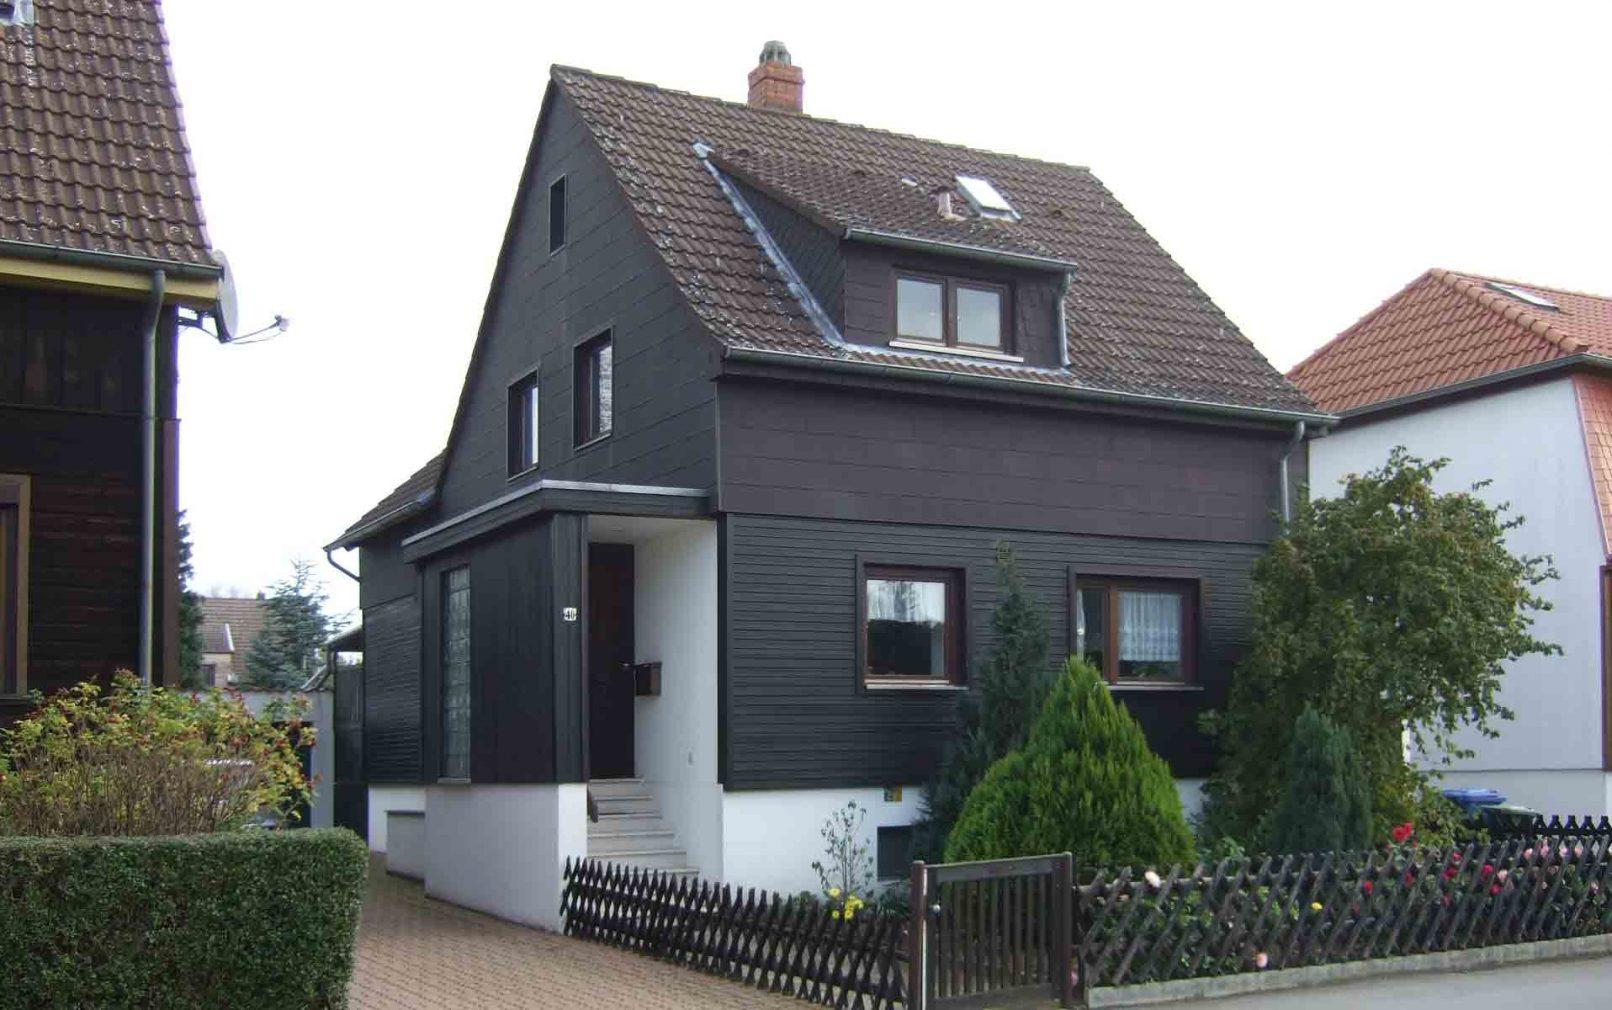 siedlungshaus architekt kemmerich. Black Bedroom Furniture Sets. Home Design Ideas